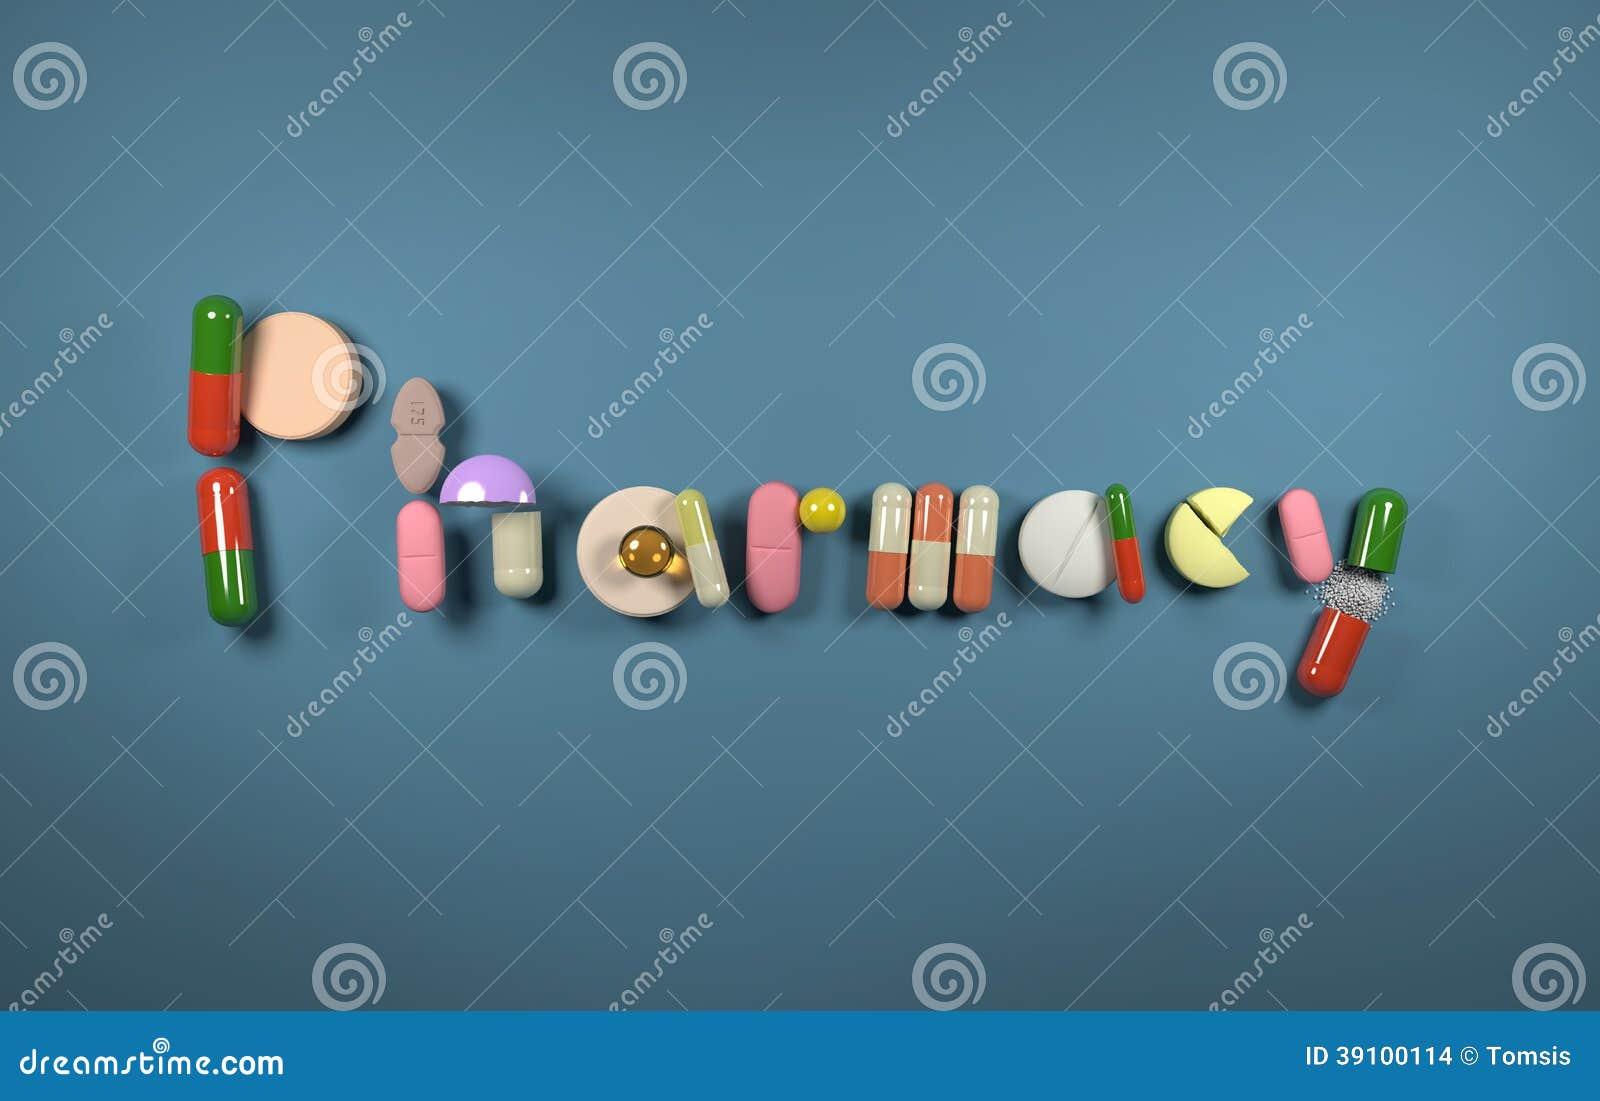 3D woordapotheek van pillen wordt gevormd die